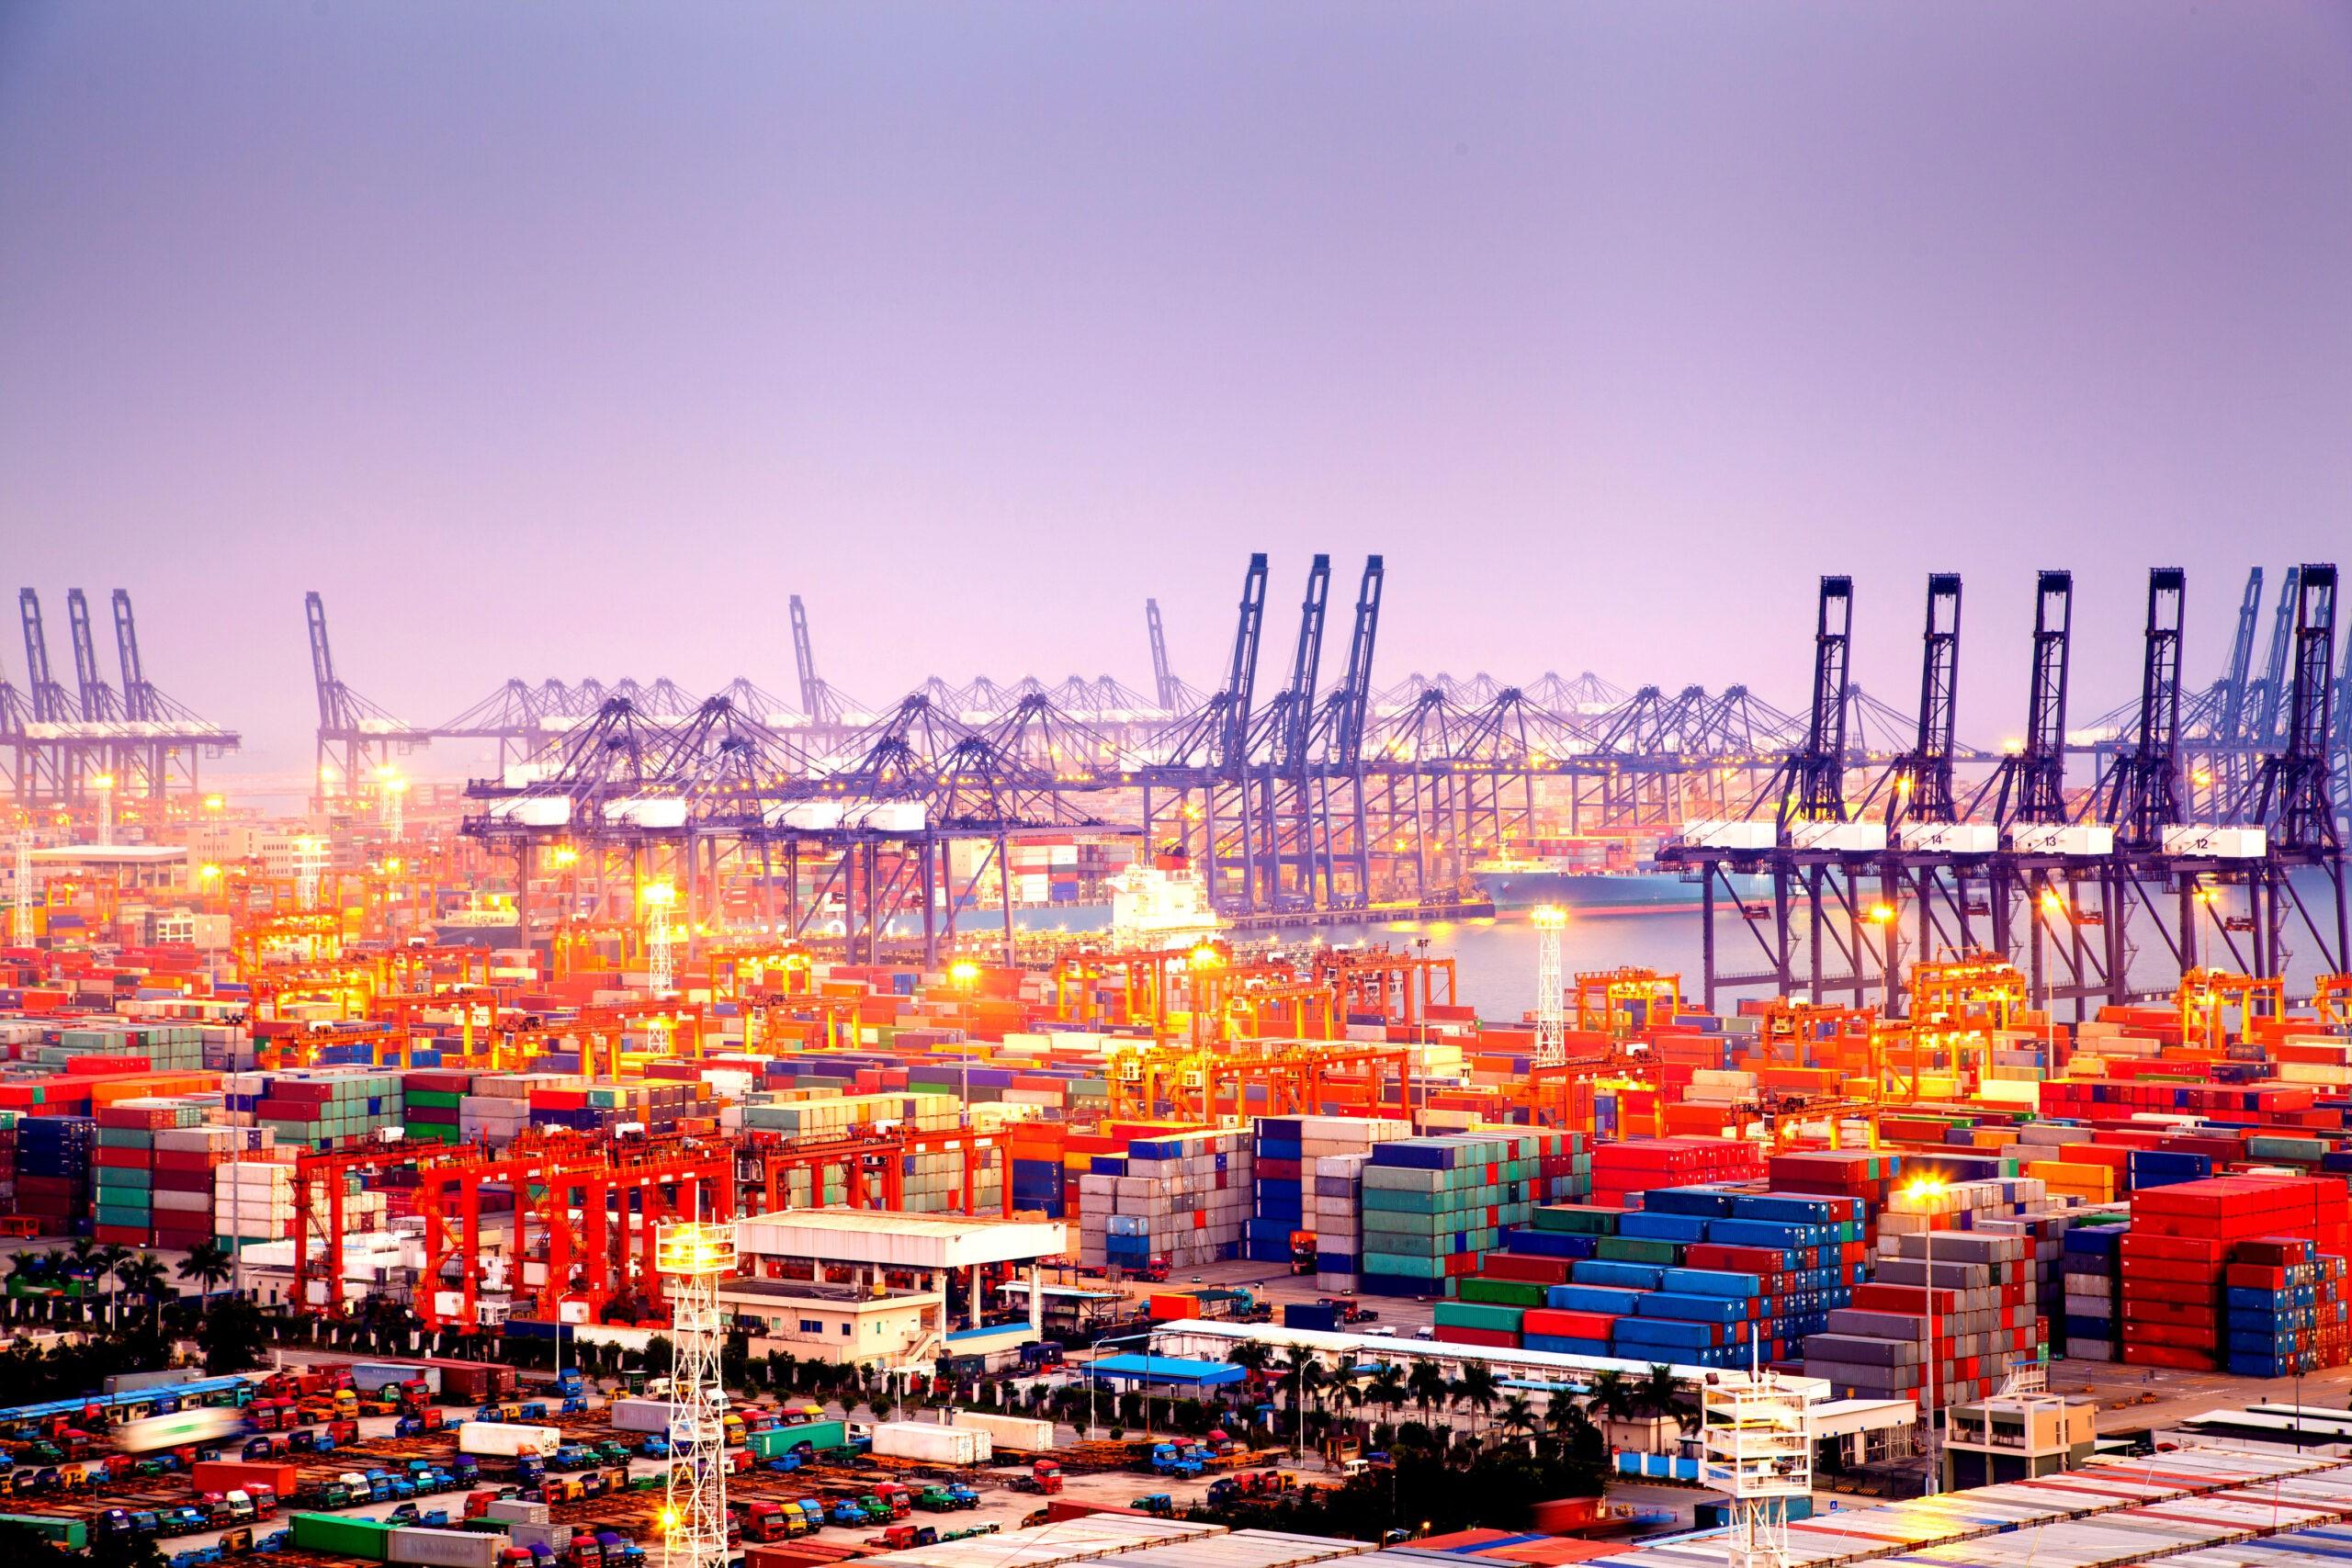 Port-of-Shenzhen-Port-of-Yantia